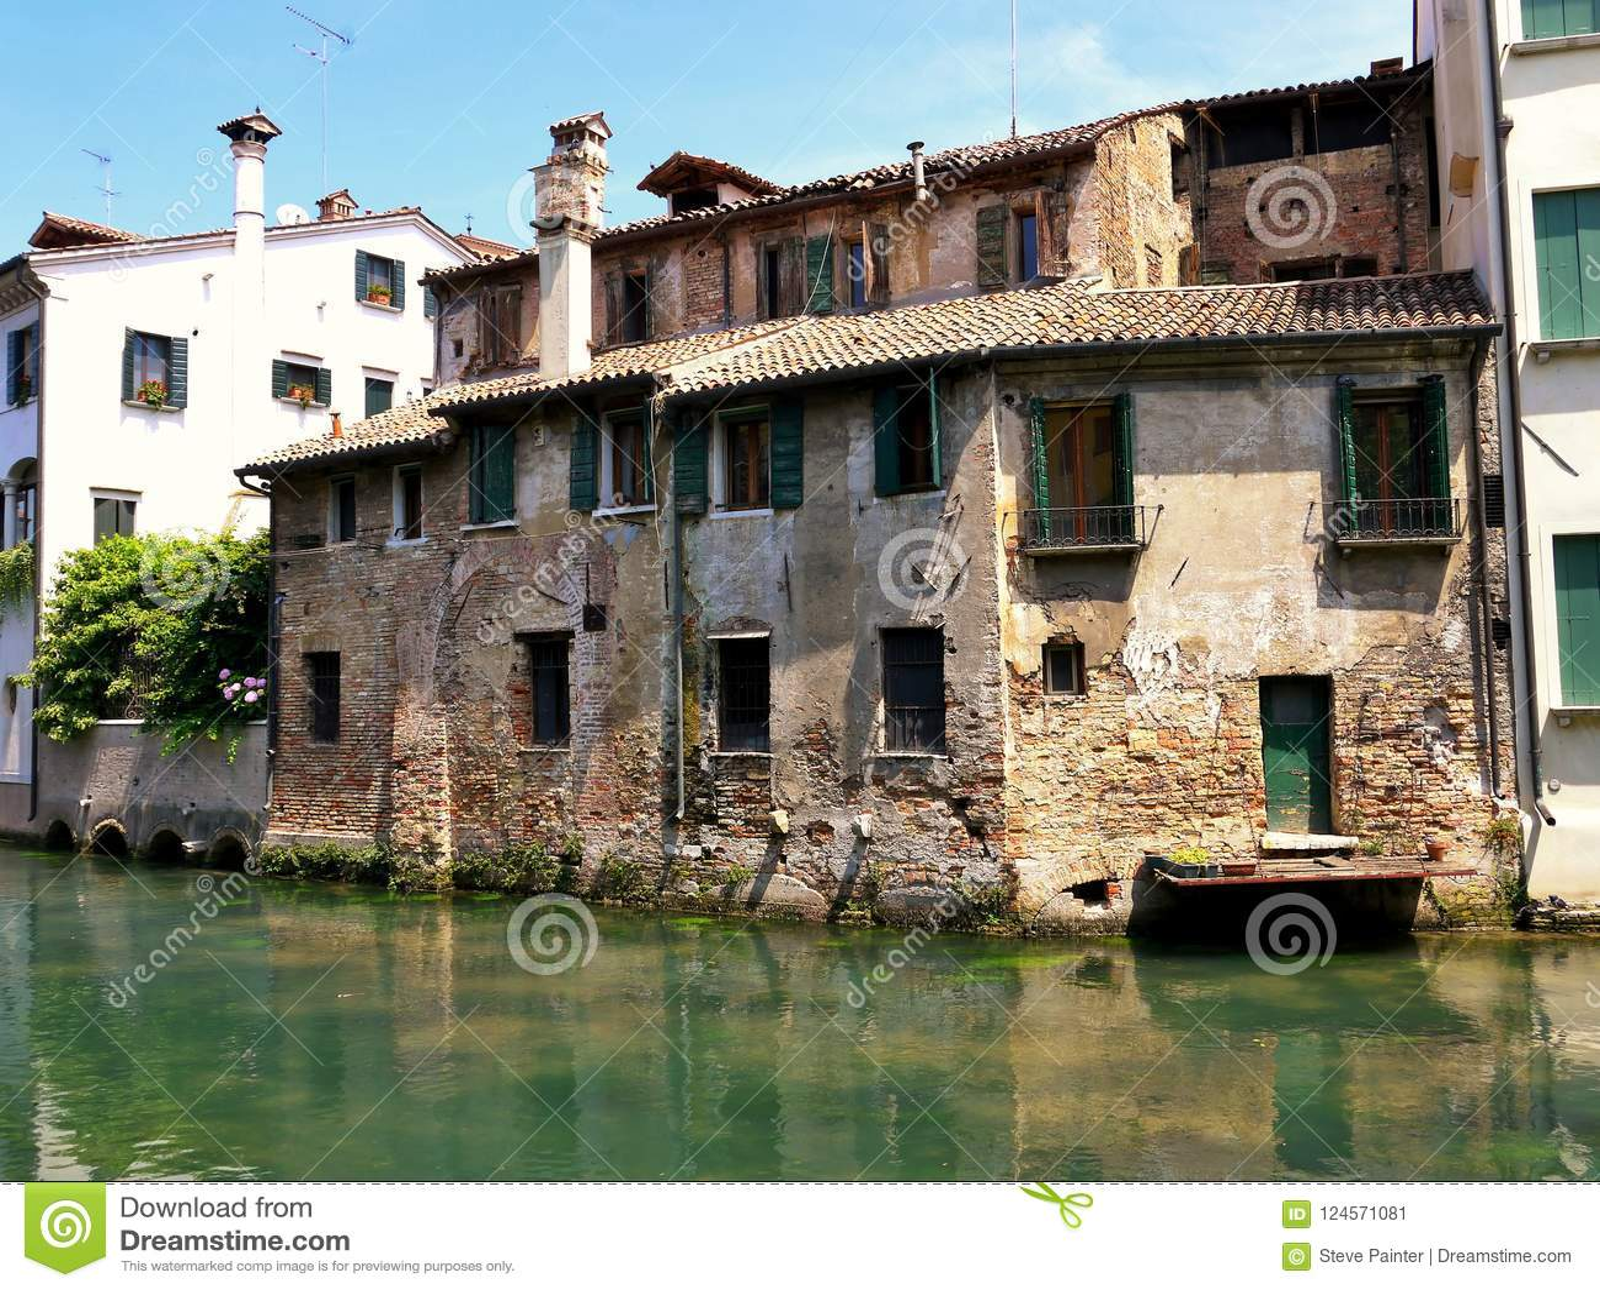 Ein verfallendes historisches Gebäude neben einem flowwing Fluss in Treviso